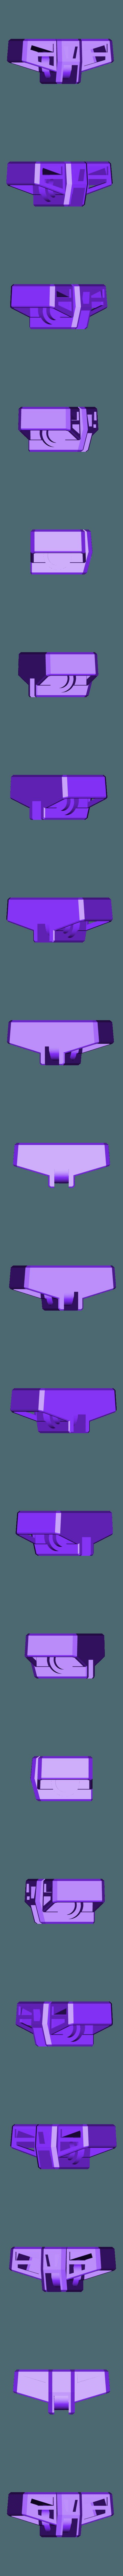 Pelvis-Silver.stl Télécharger fichier STL gratuit Big Optimus Prime! - Modèle multi-matériaux • Plan pour imprimante 3D, ChaosCoreTech